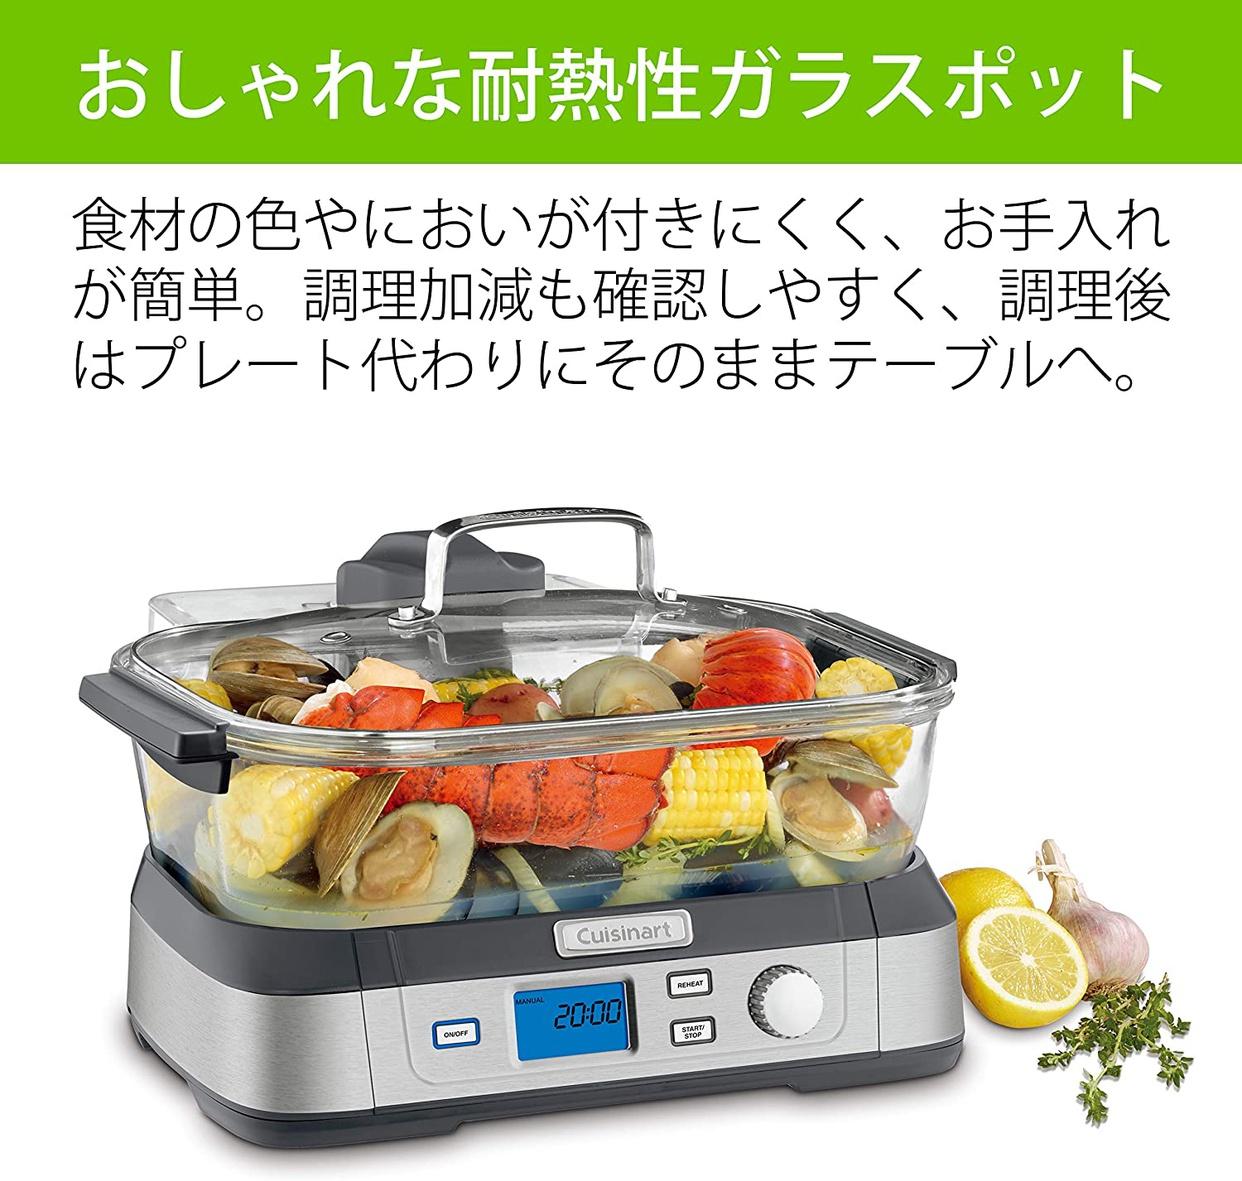 Cuisinart(クイジナート) ヘルシークッカー STM-1000Jの商品画像5